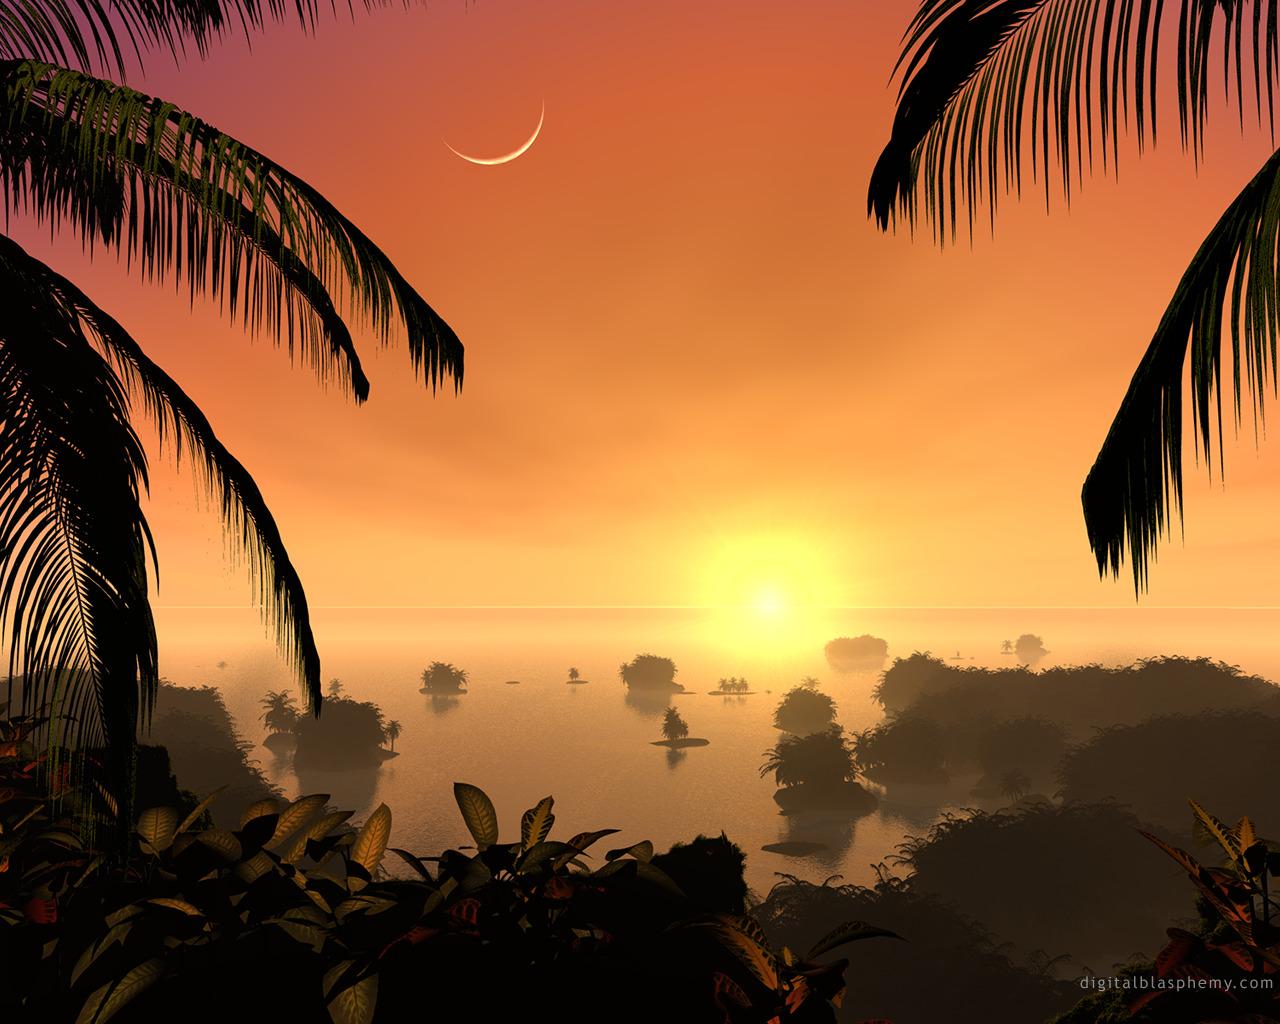 http://4.bp.blogspot.com/-uymSmm9K1WI/T1uC3zFt56I/AAAAAAAAAF0/MQ5I7XBICSM/s1600/lastlight1280.jpg